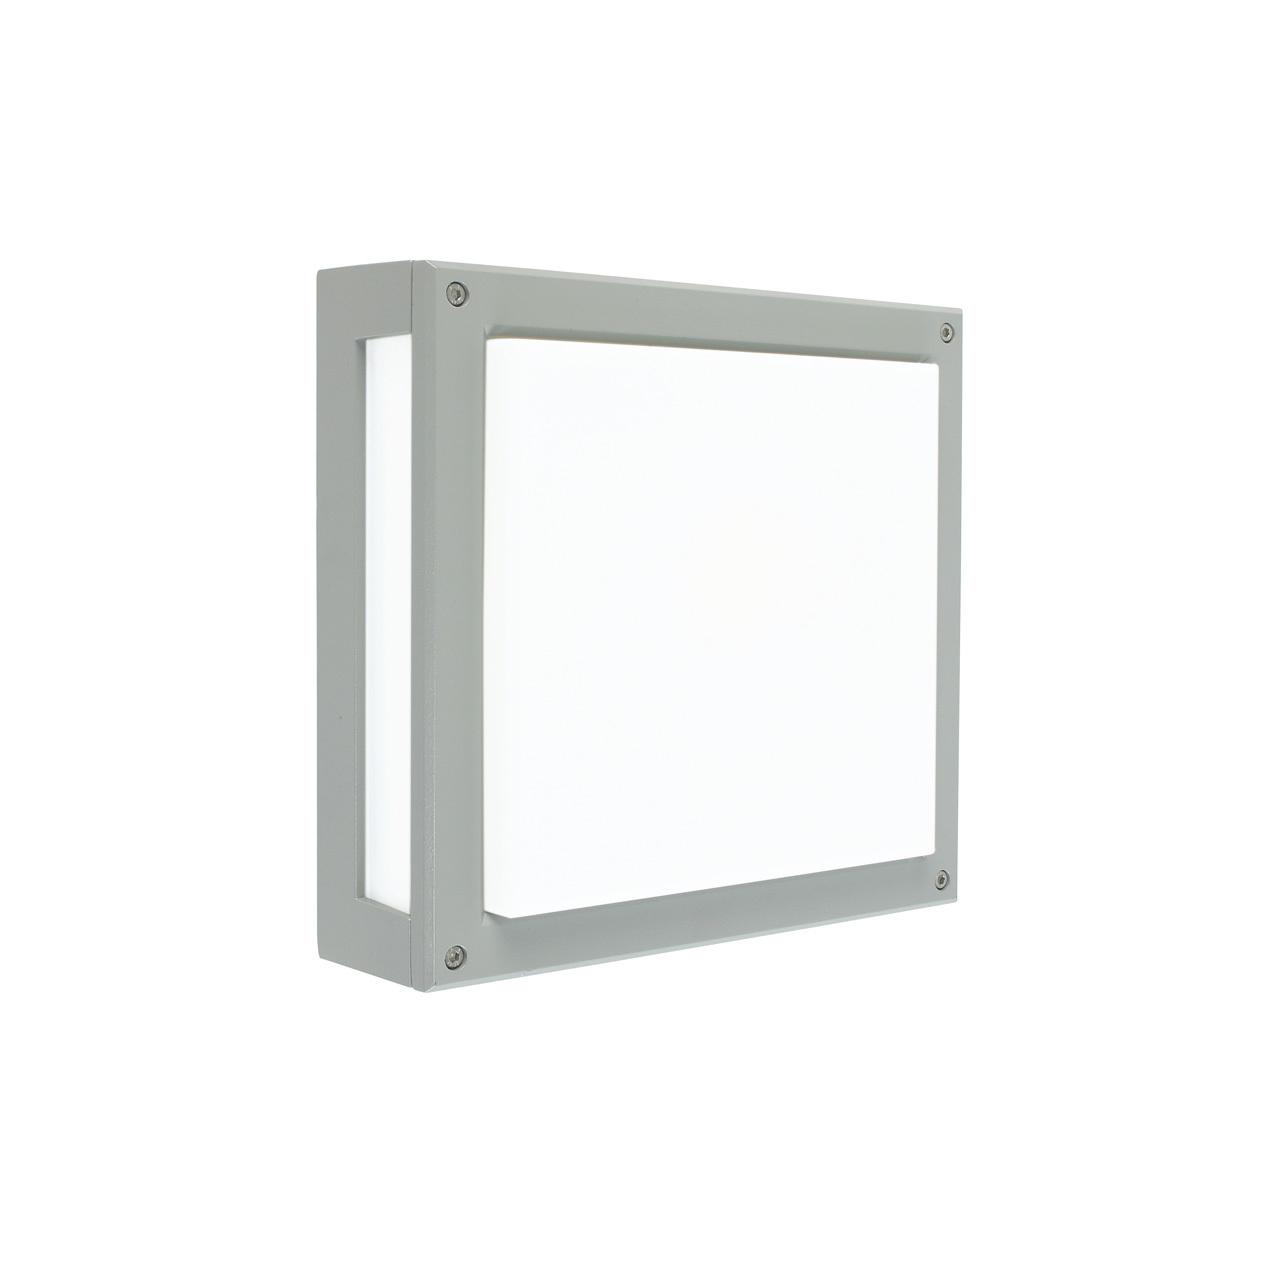 Lampa ścienna NORDLAND LED 5041AL -Norlys  SPRAWDŹ RABATY  5-10-15-20 % w koszyku